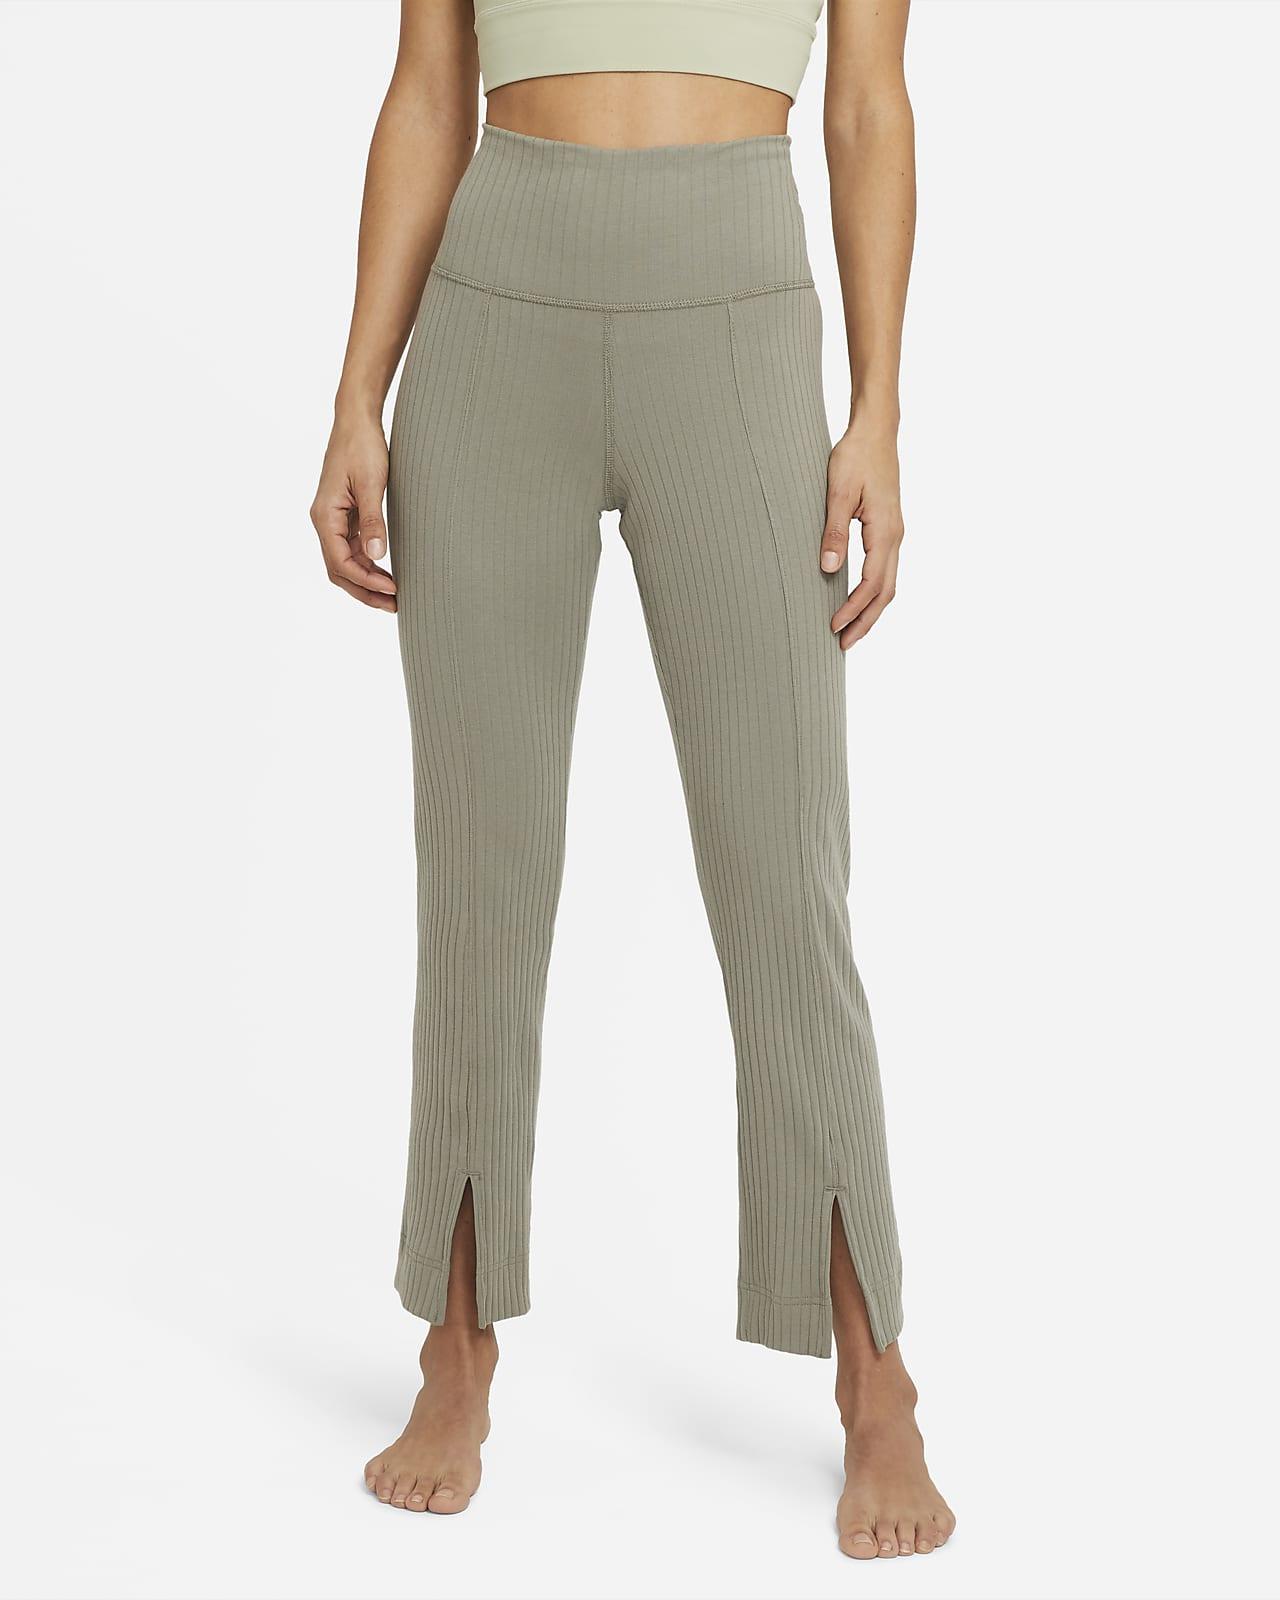 Pantalones de 7/8 de tela rib para mujer Nike Yoga